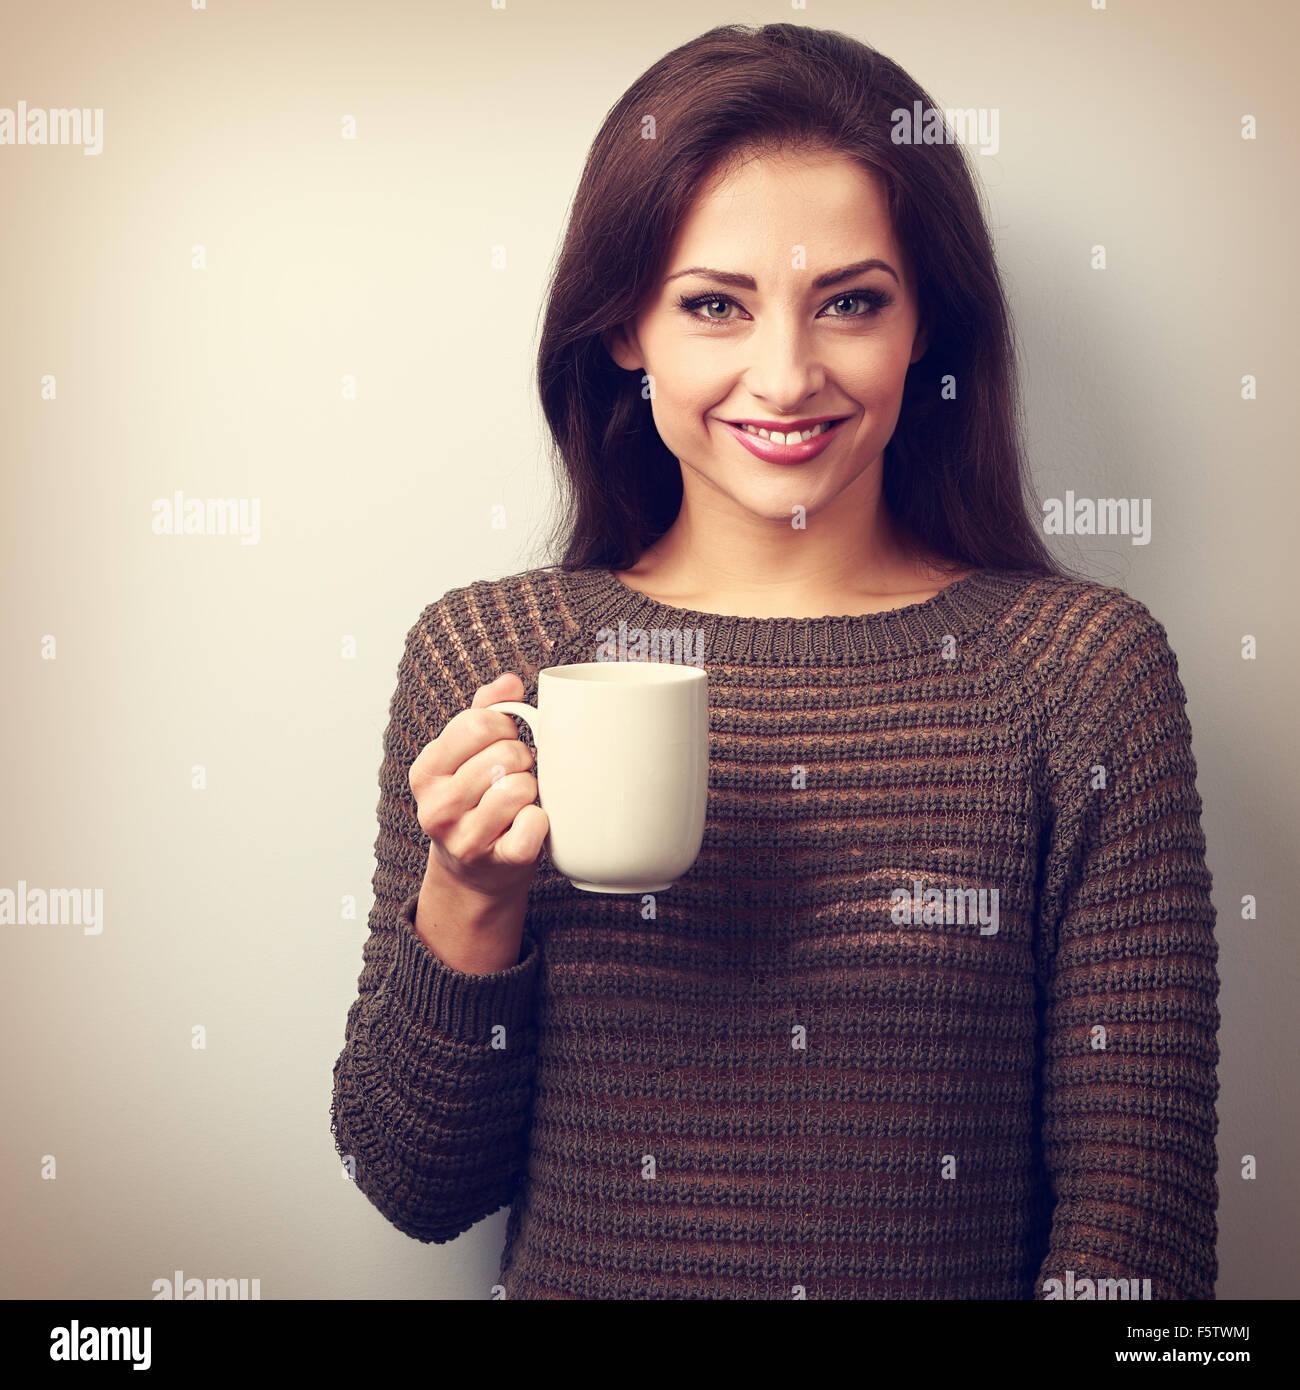 Smiling casual young woman avec tasse de thé à la recherche heureux. Vintage portrait Banque D'Images